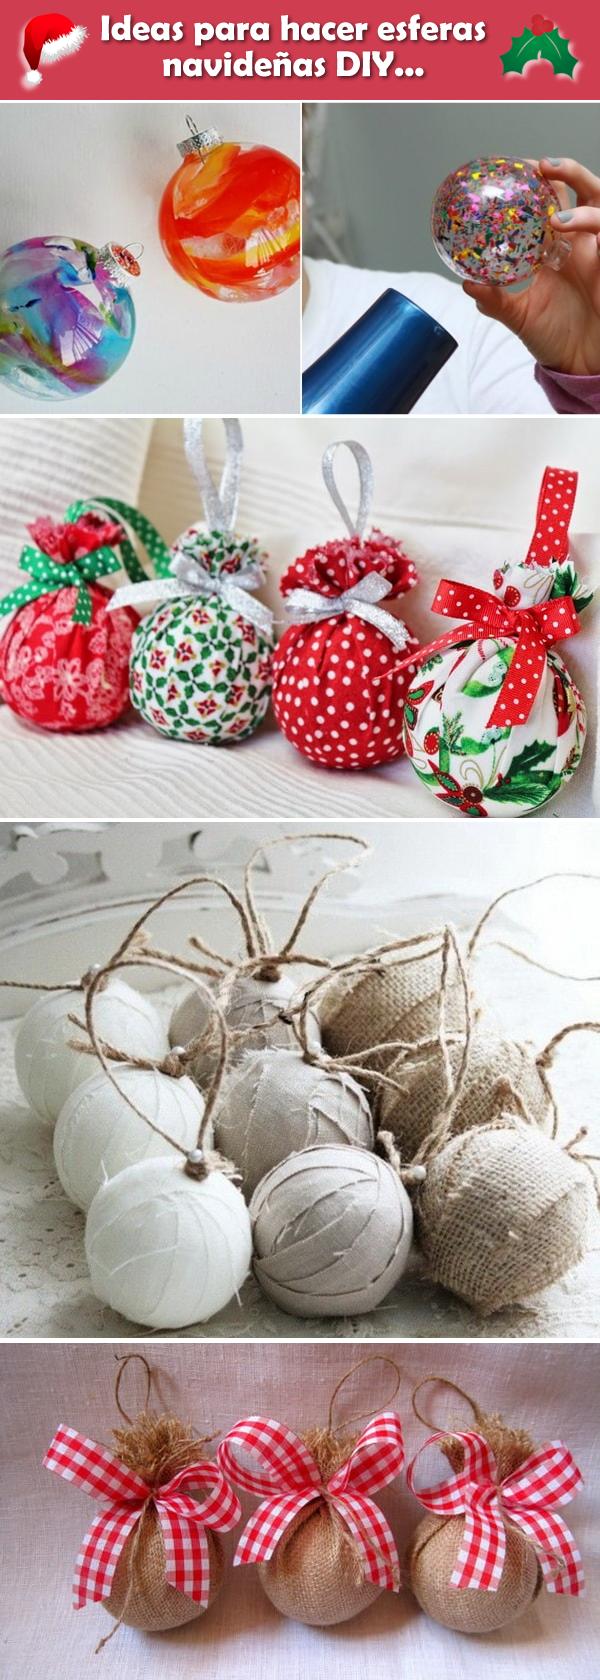 Bolas navide as personalizadas esferas navide as diy for Navidad adornos manualidades navidenas